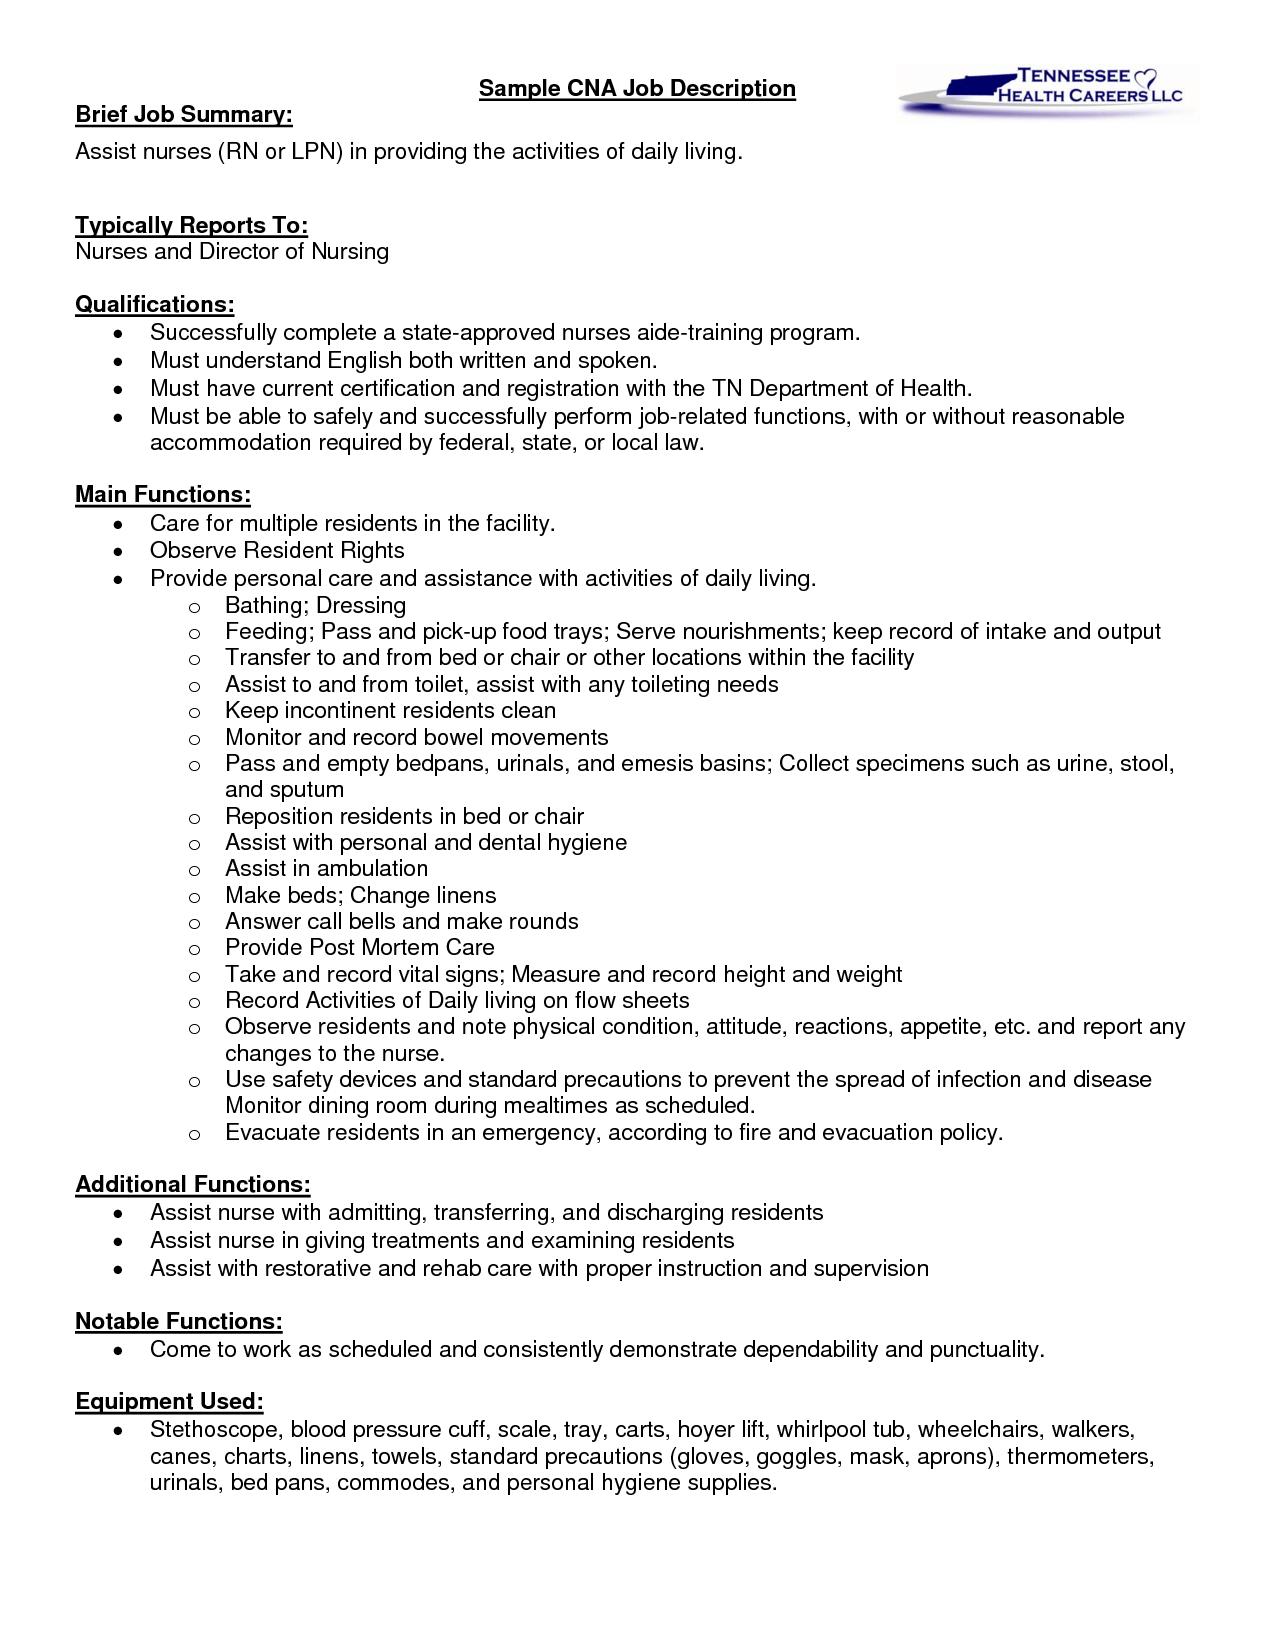 A CNA Job Description Lets Read Between The Lines